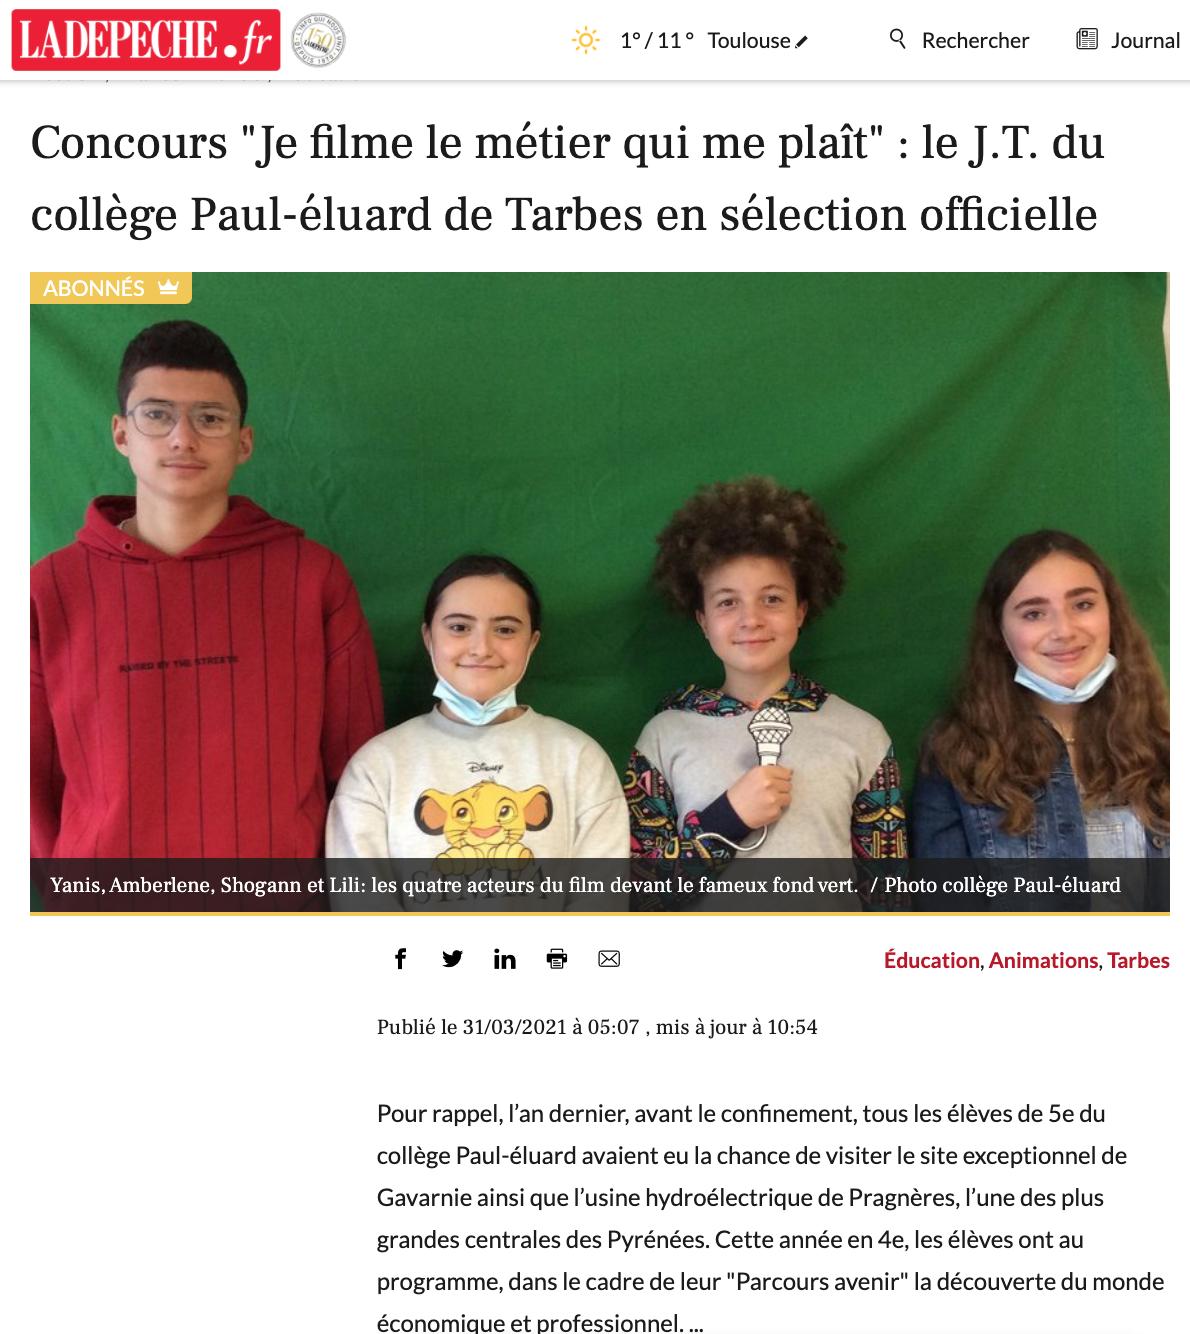 La Dépêche.fr - 31/03/2021